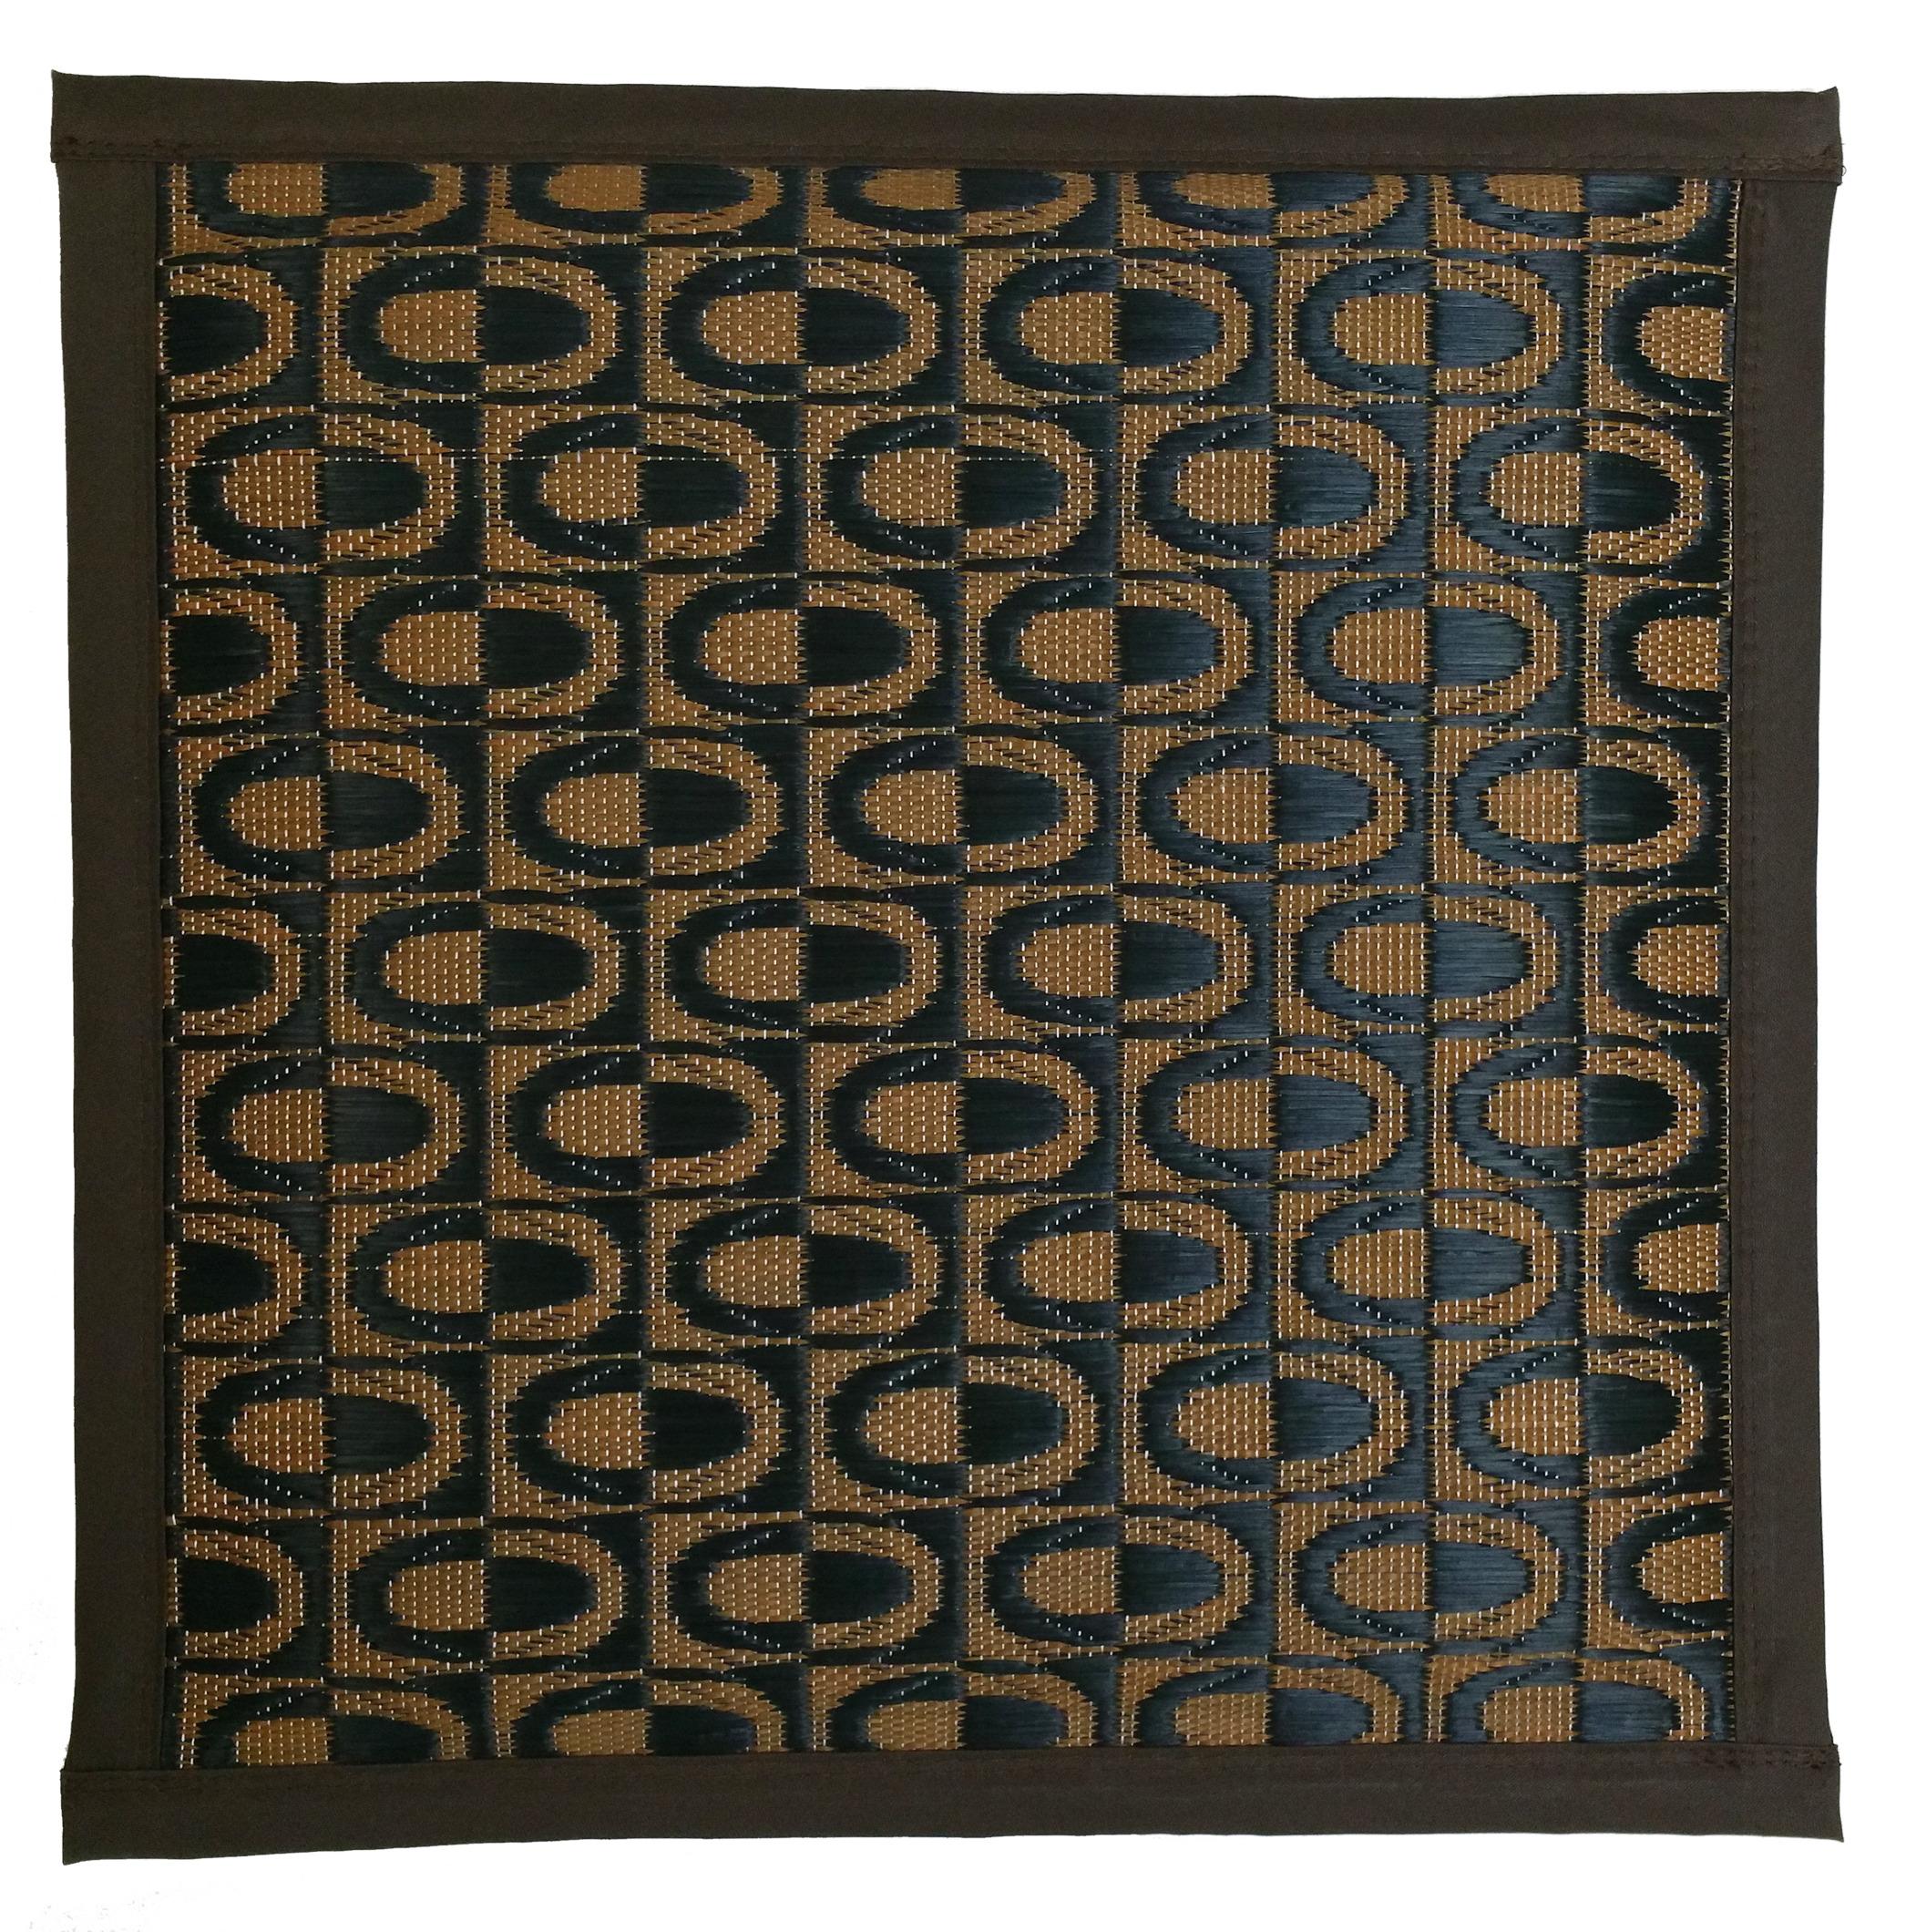 【純国産 い草座布団】袋織 ブラウン 45cmx45cmx3cm  Japanese Rush Grass Cushion : Brown